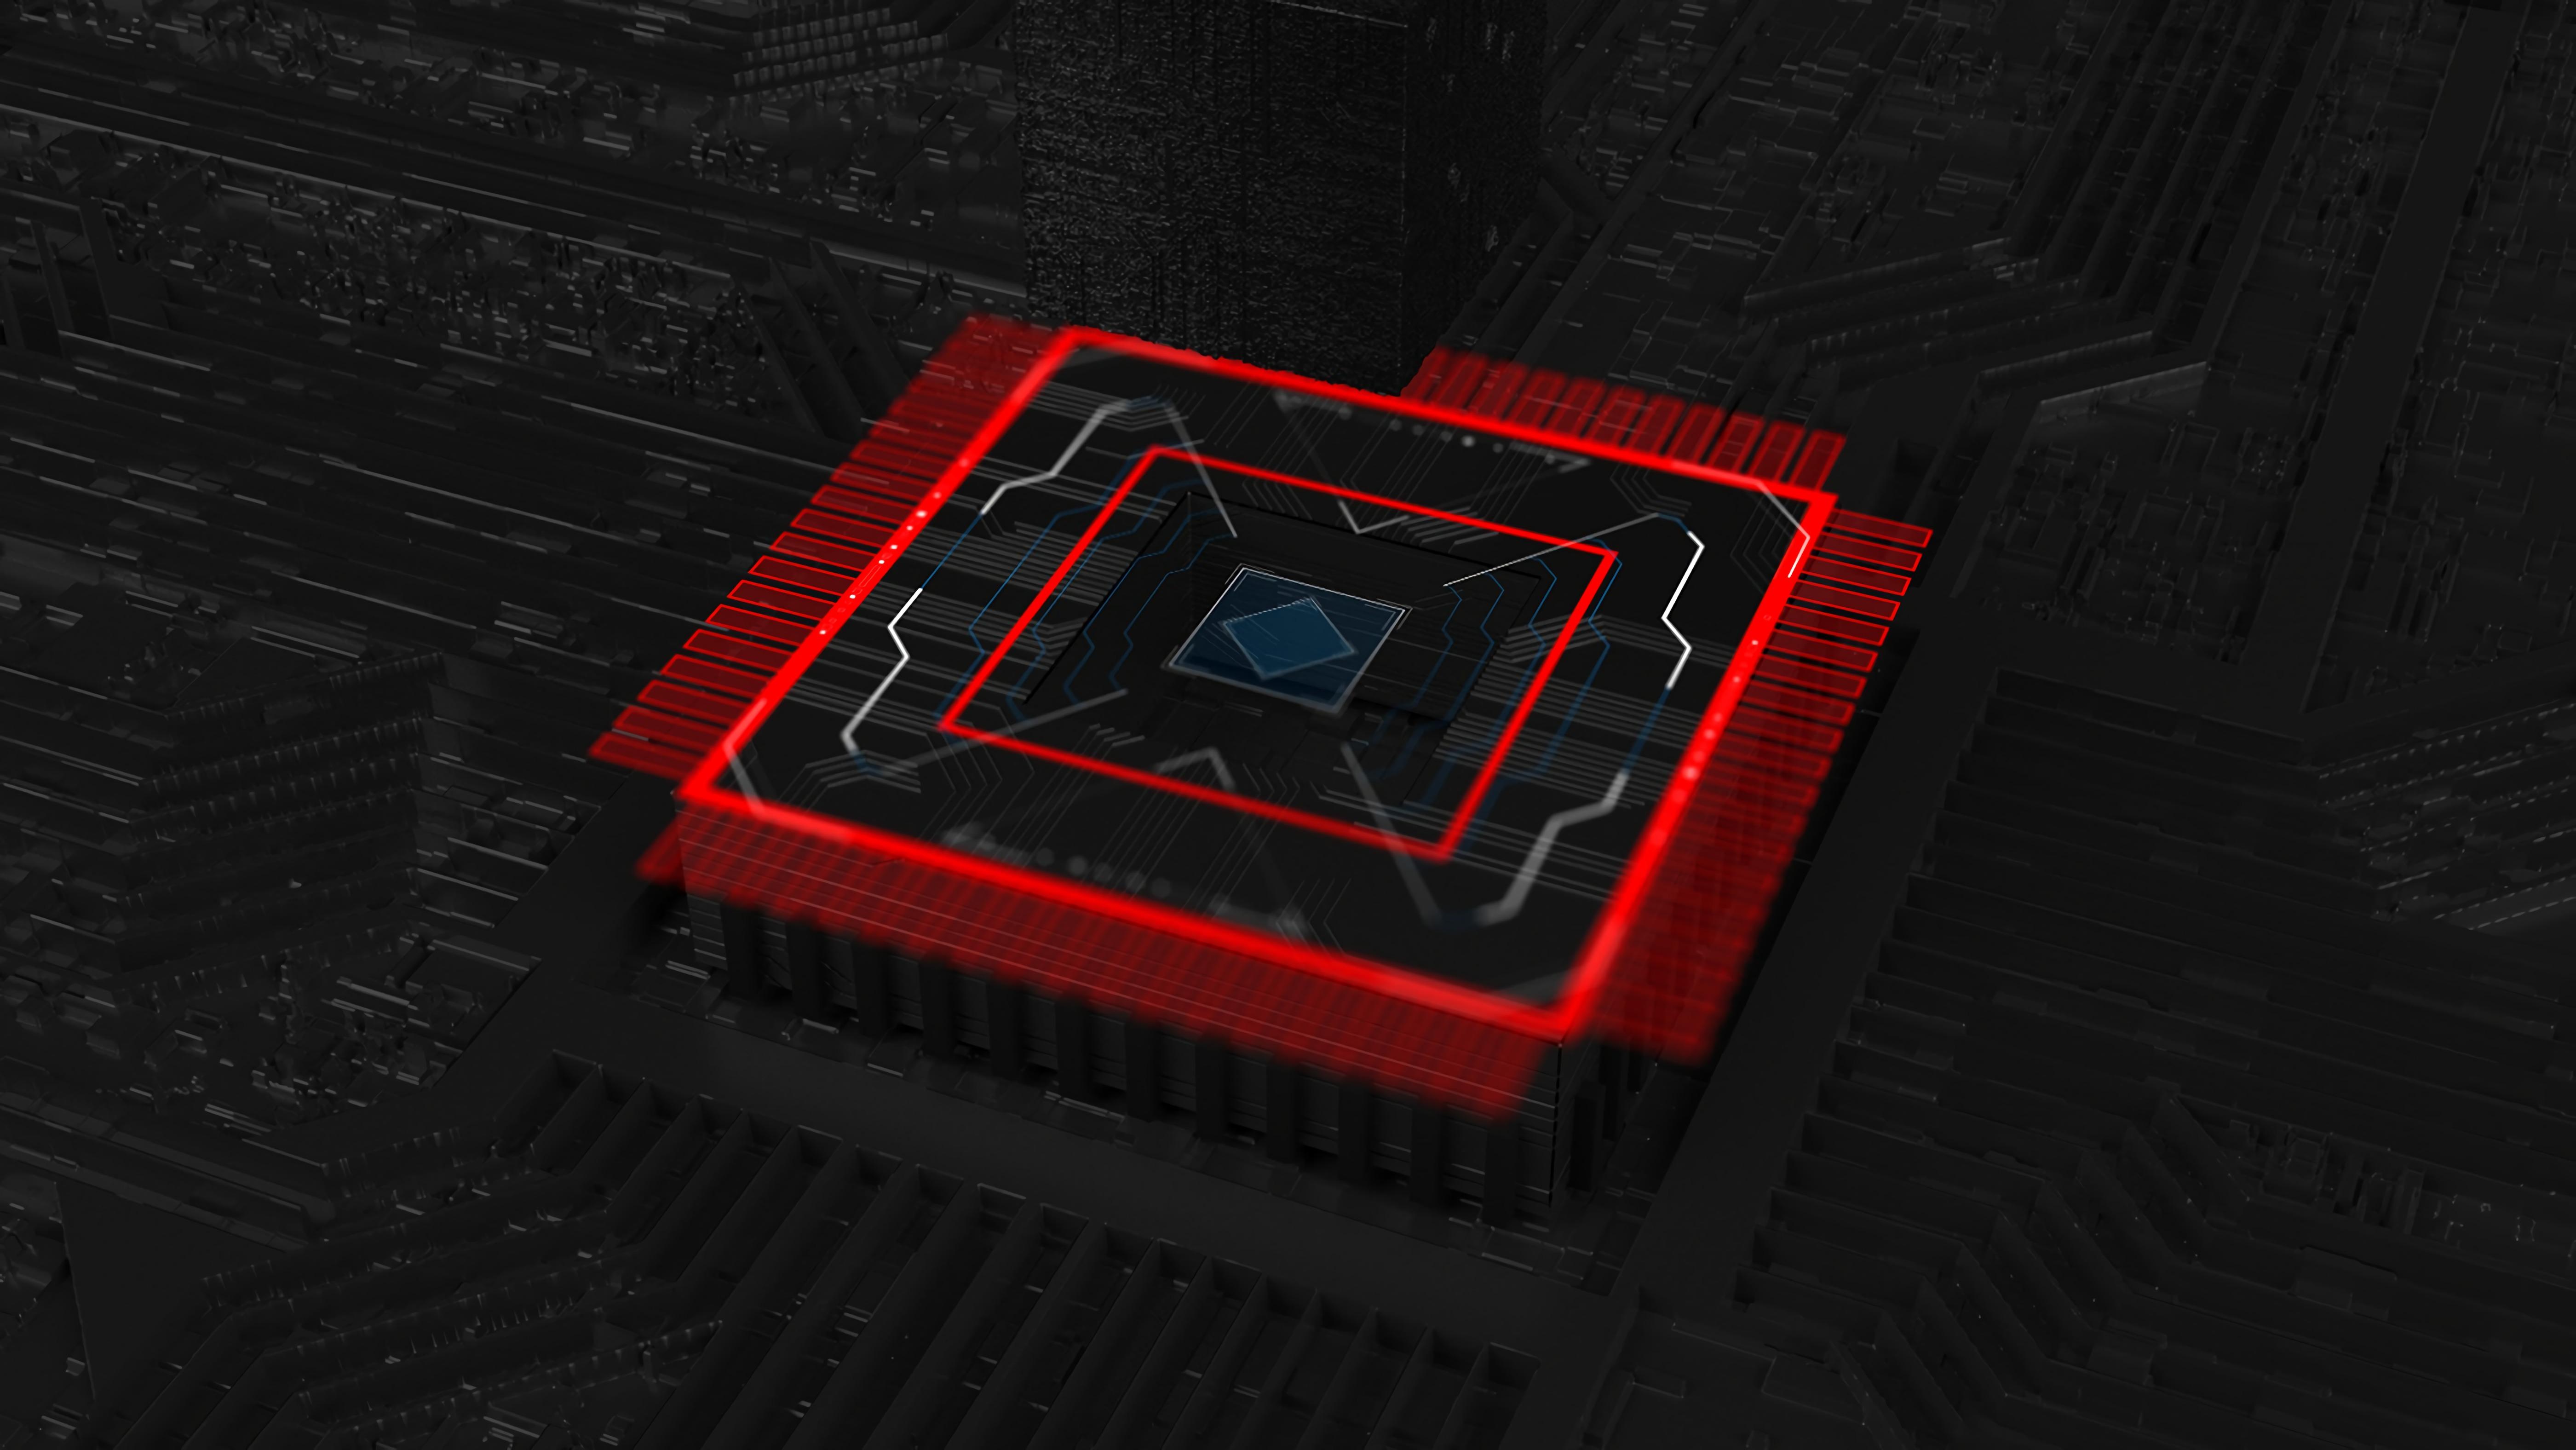 99481 Hintergrundbild herunterladen 3D, Chip, Zentralprozessor, Prozessor, Planen, Schema - Bildschirmschoner und Bilder kostenlos